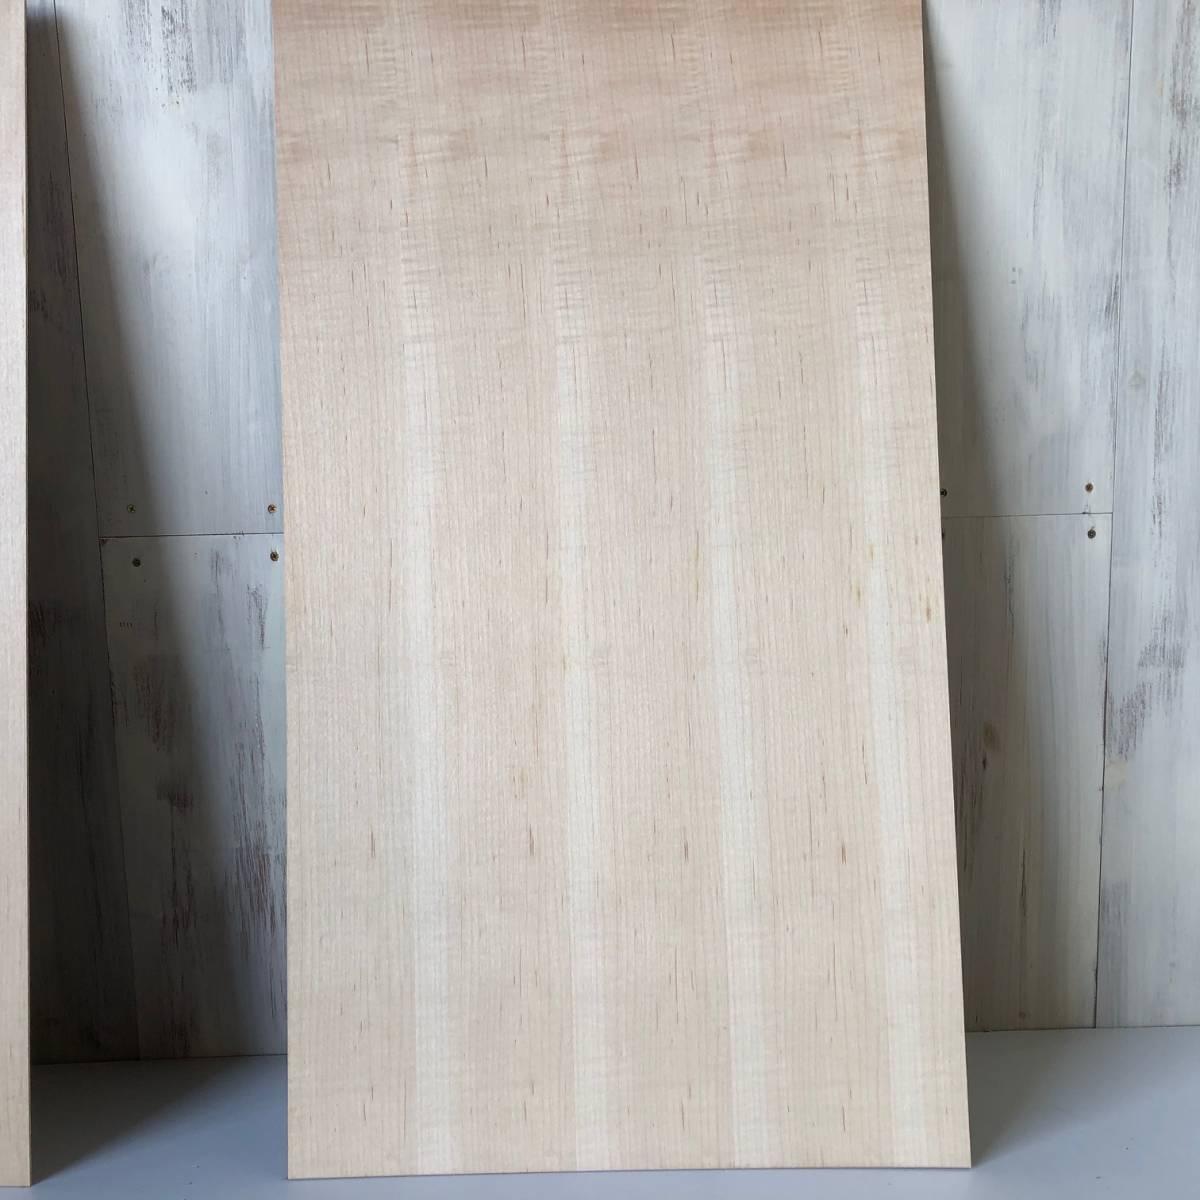 天然木ツキ板化粧合板 突板 ハードメープル 柾目 2.5mm厚 幅約450mm 長さ約800mm 4枚セット DIY 日曜大工 木工 アウトレット_画像2